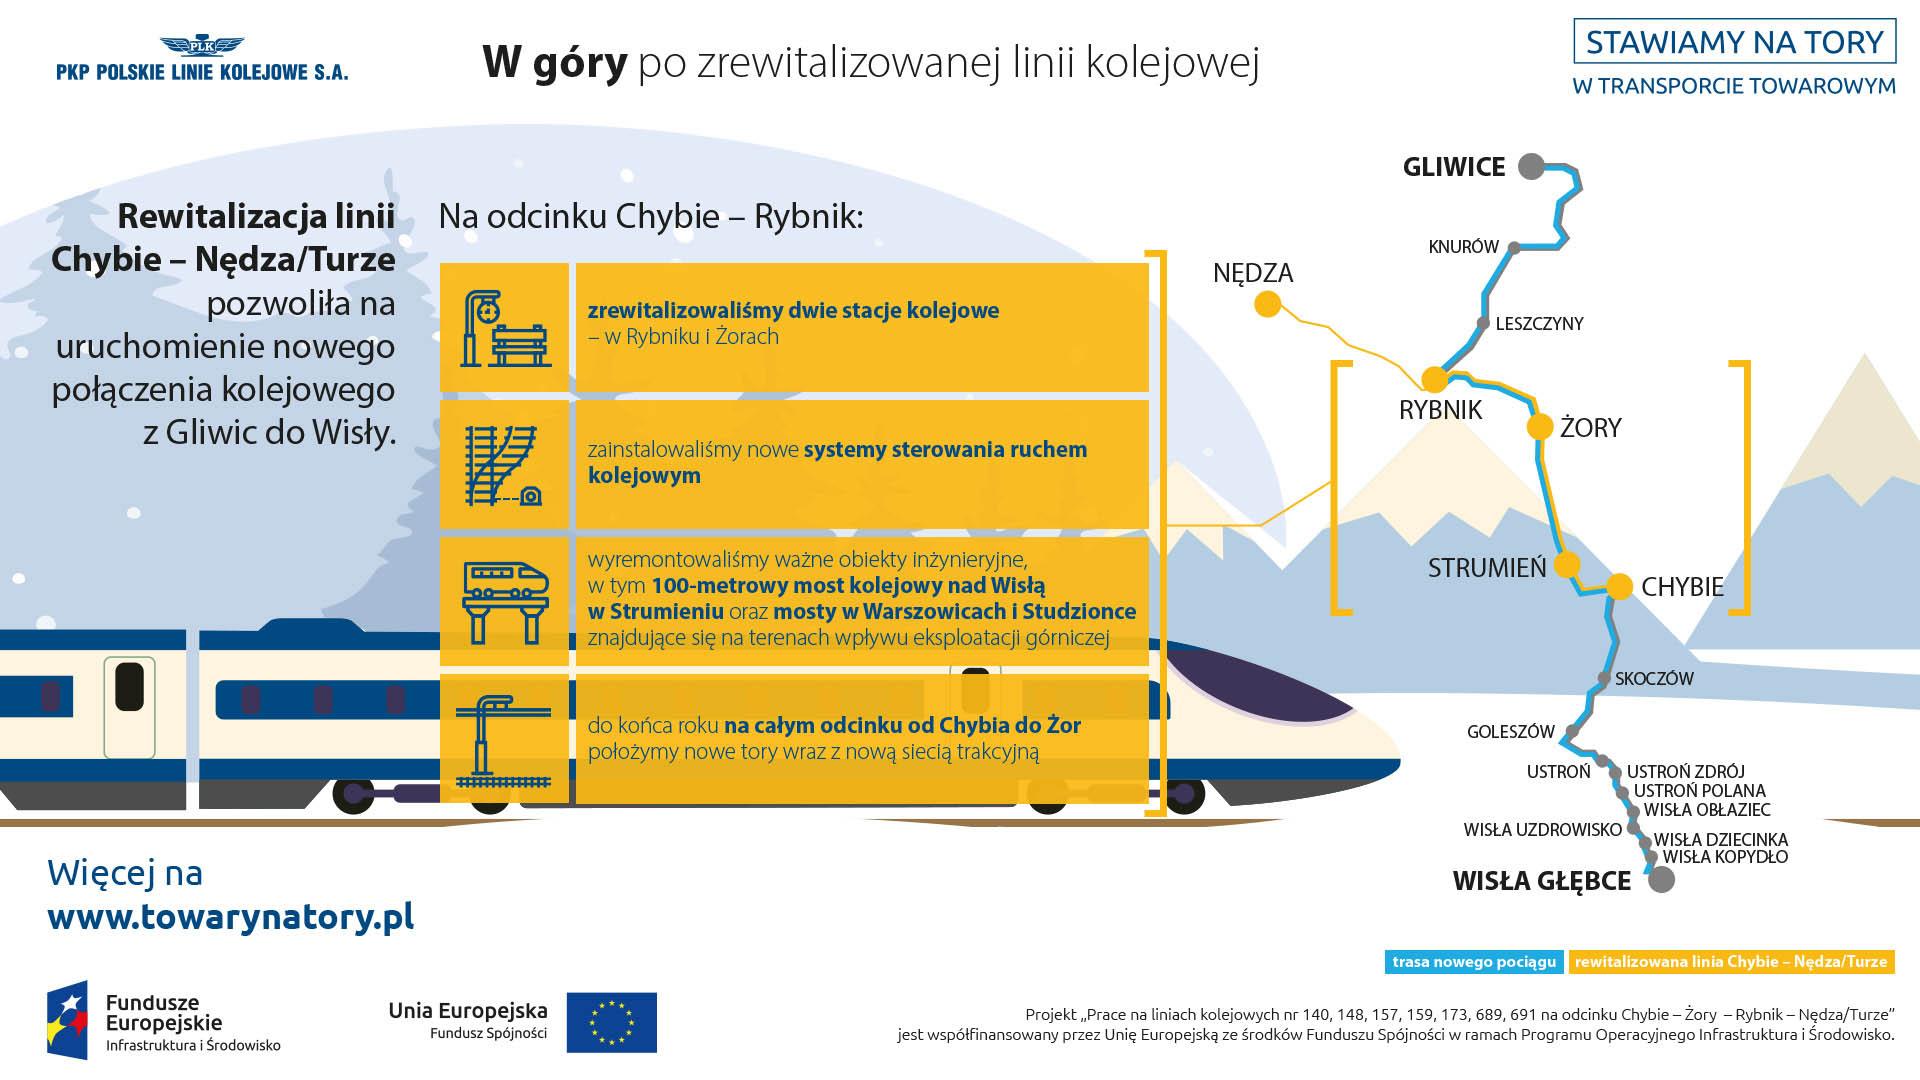 Infografika mówi o zrewitalizowanej linii Chybie - Nędza Turze, dzieki które zostanie uruchomione nowe połączenie kolejowe z Gliwic do Wisły.